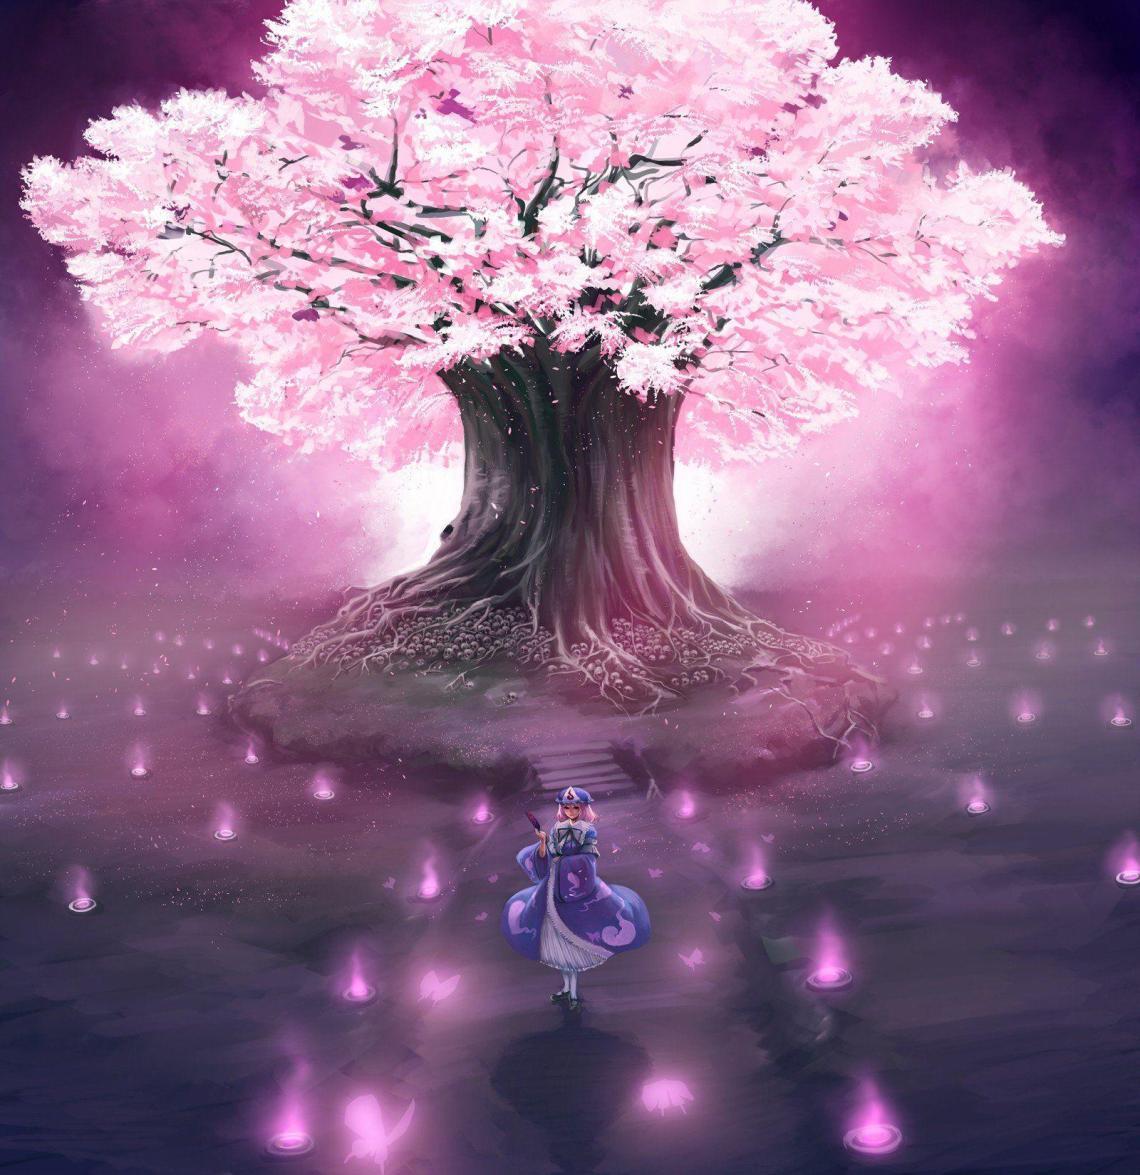 15 Wallpaper Anime Sakura Flower Orochi Wallpaper